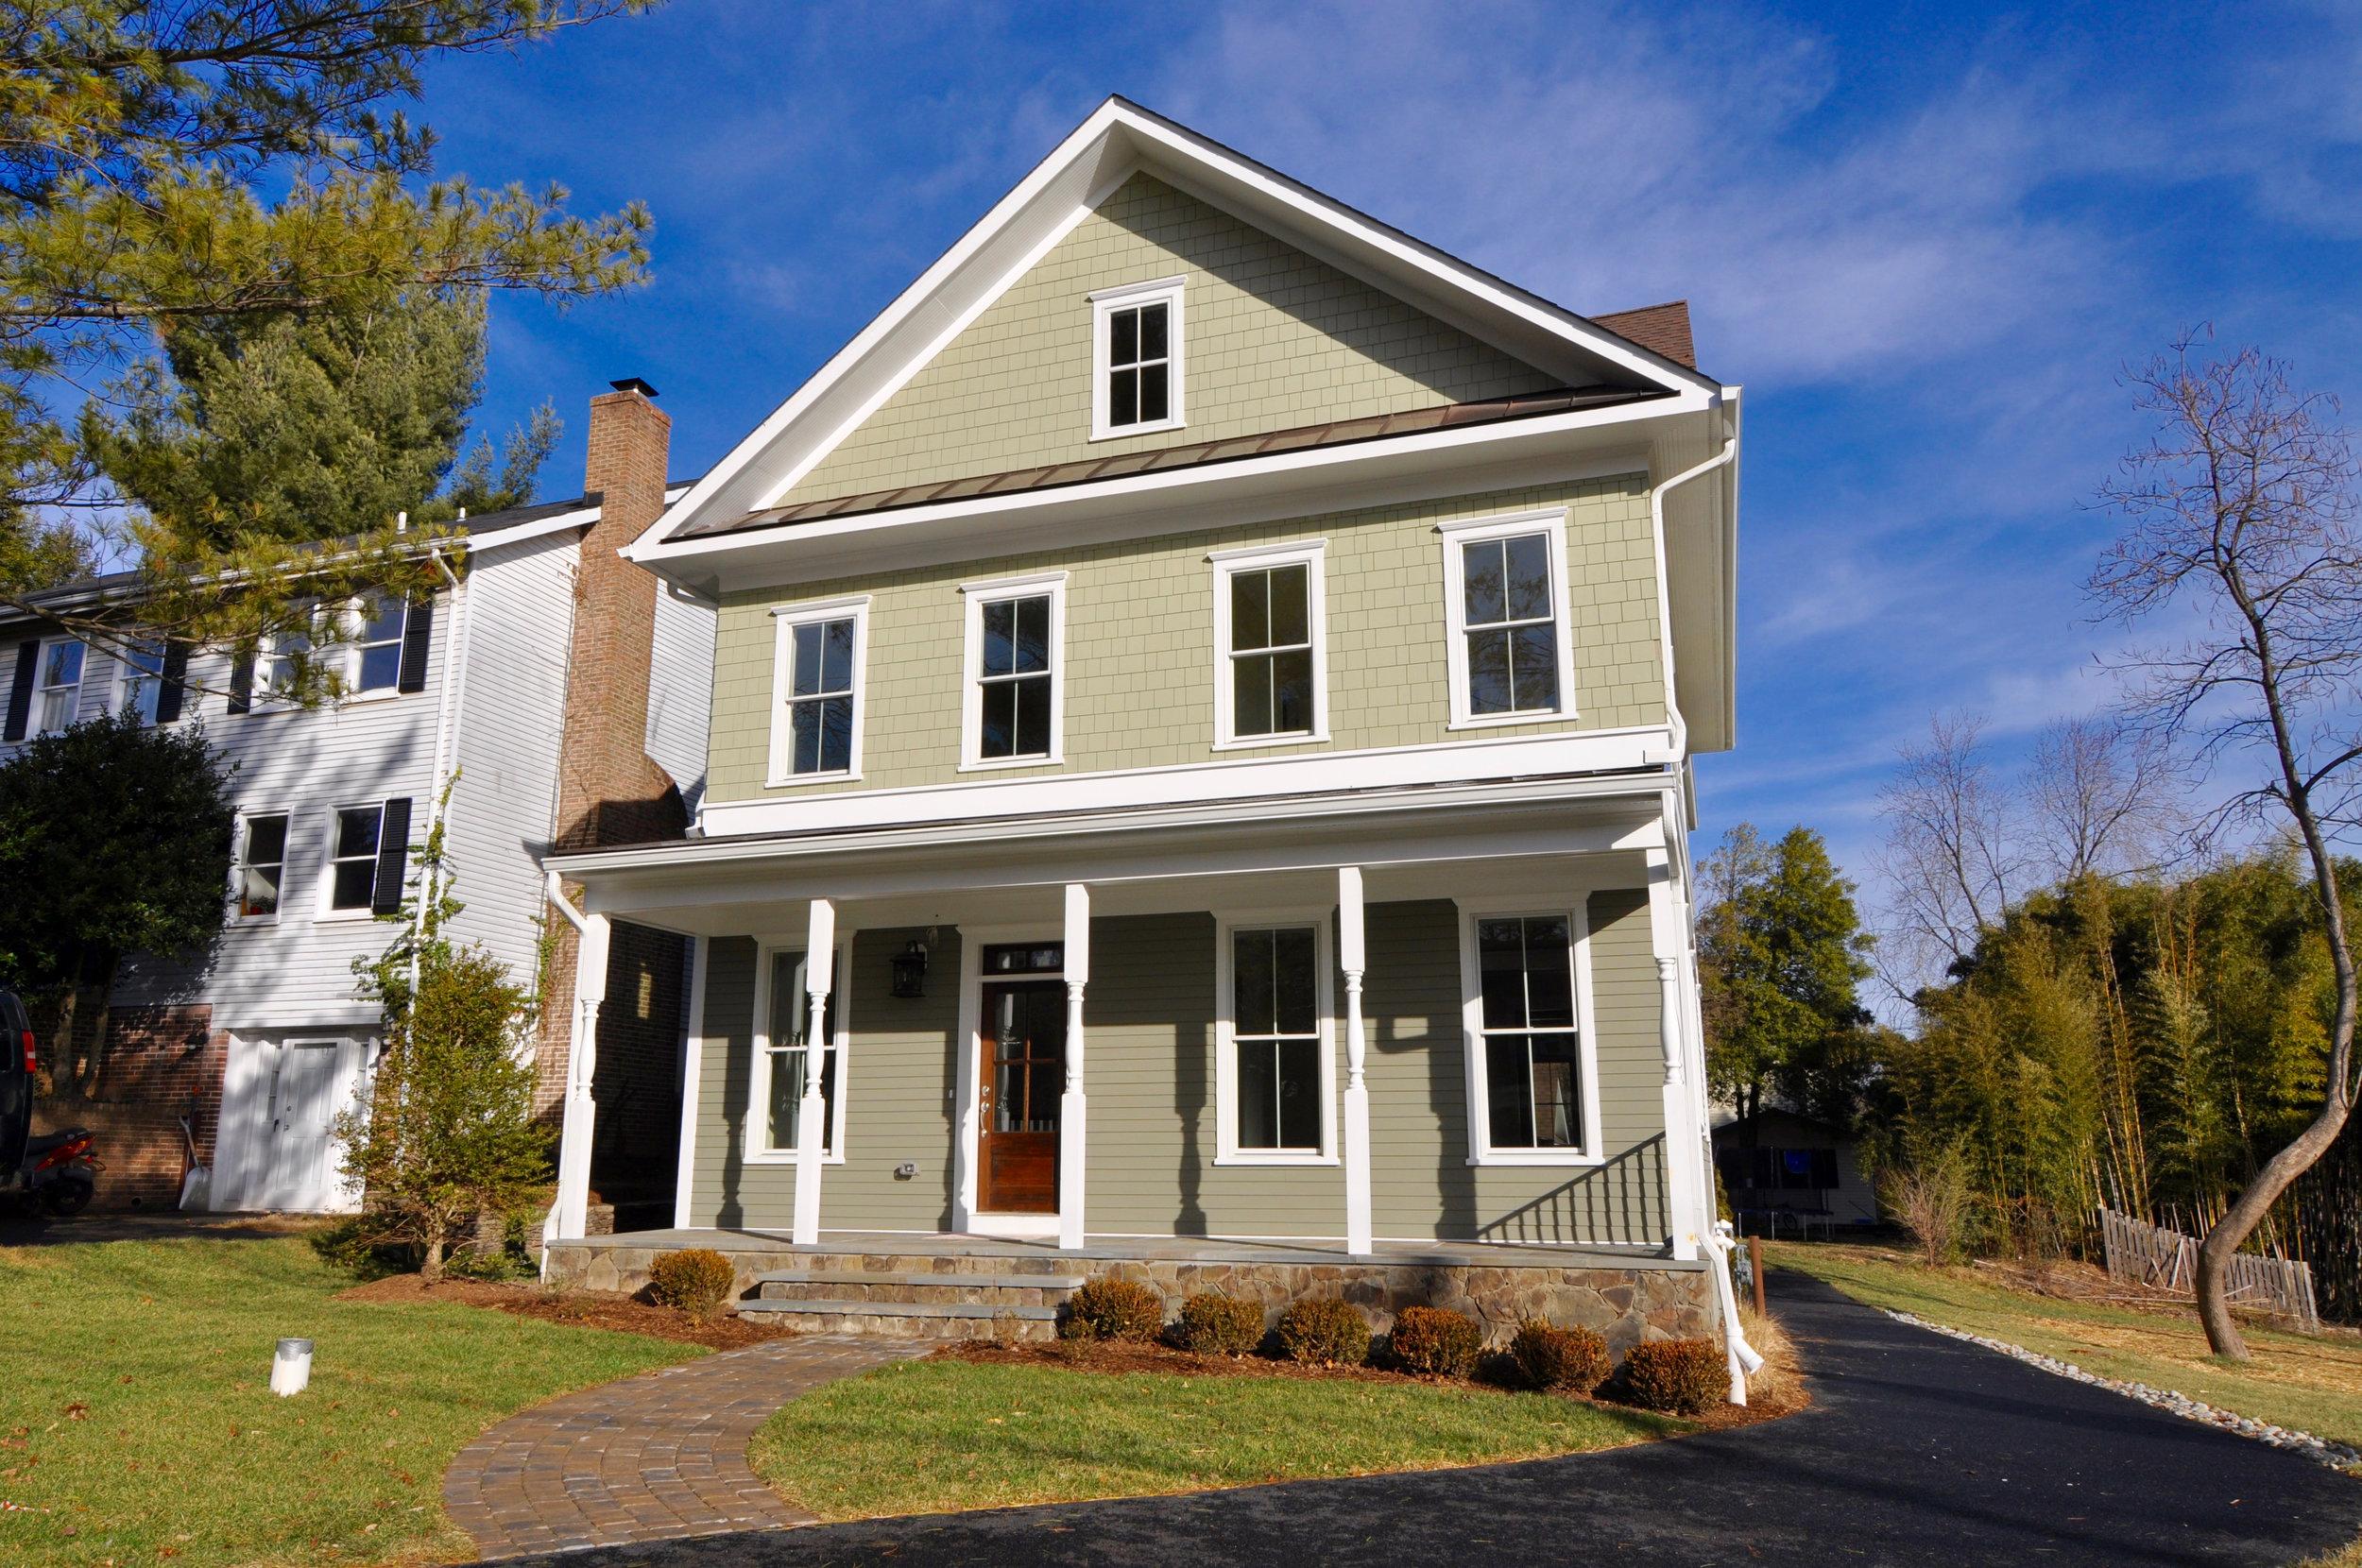 Sold Listing - Kensington, MD